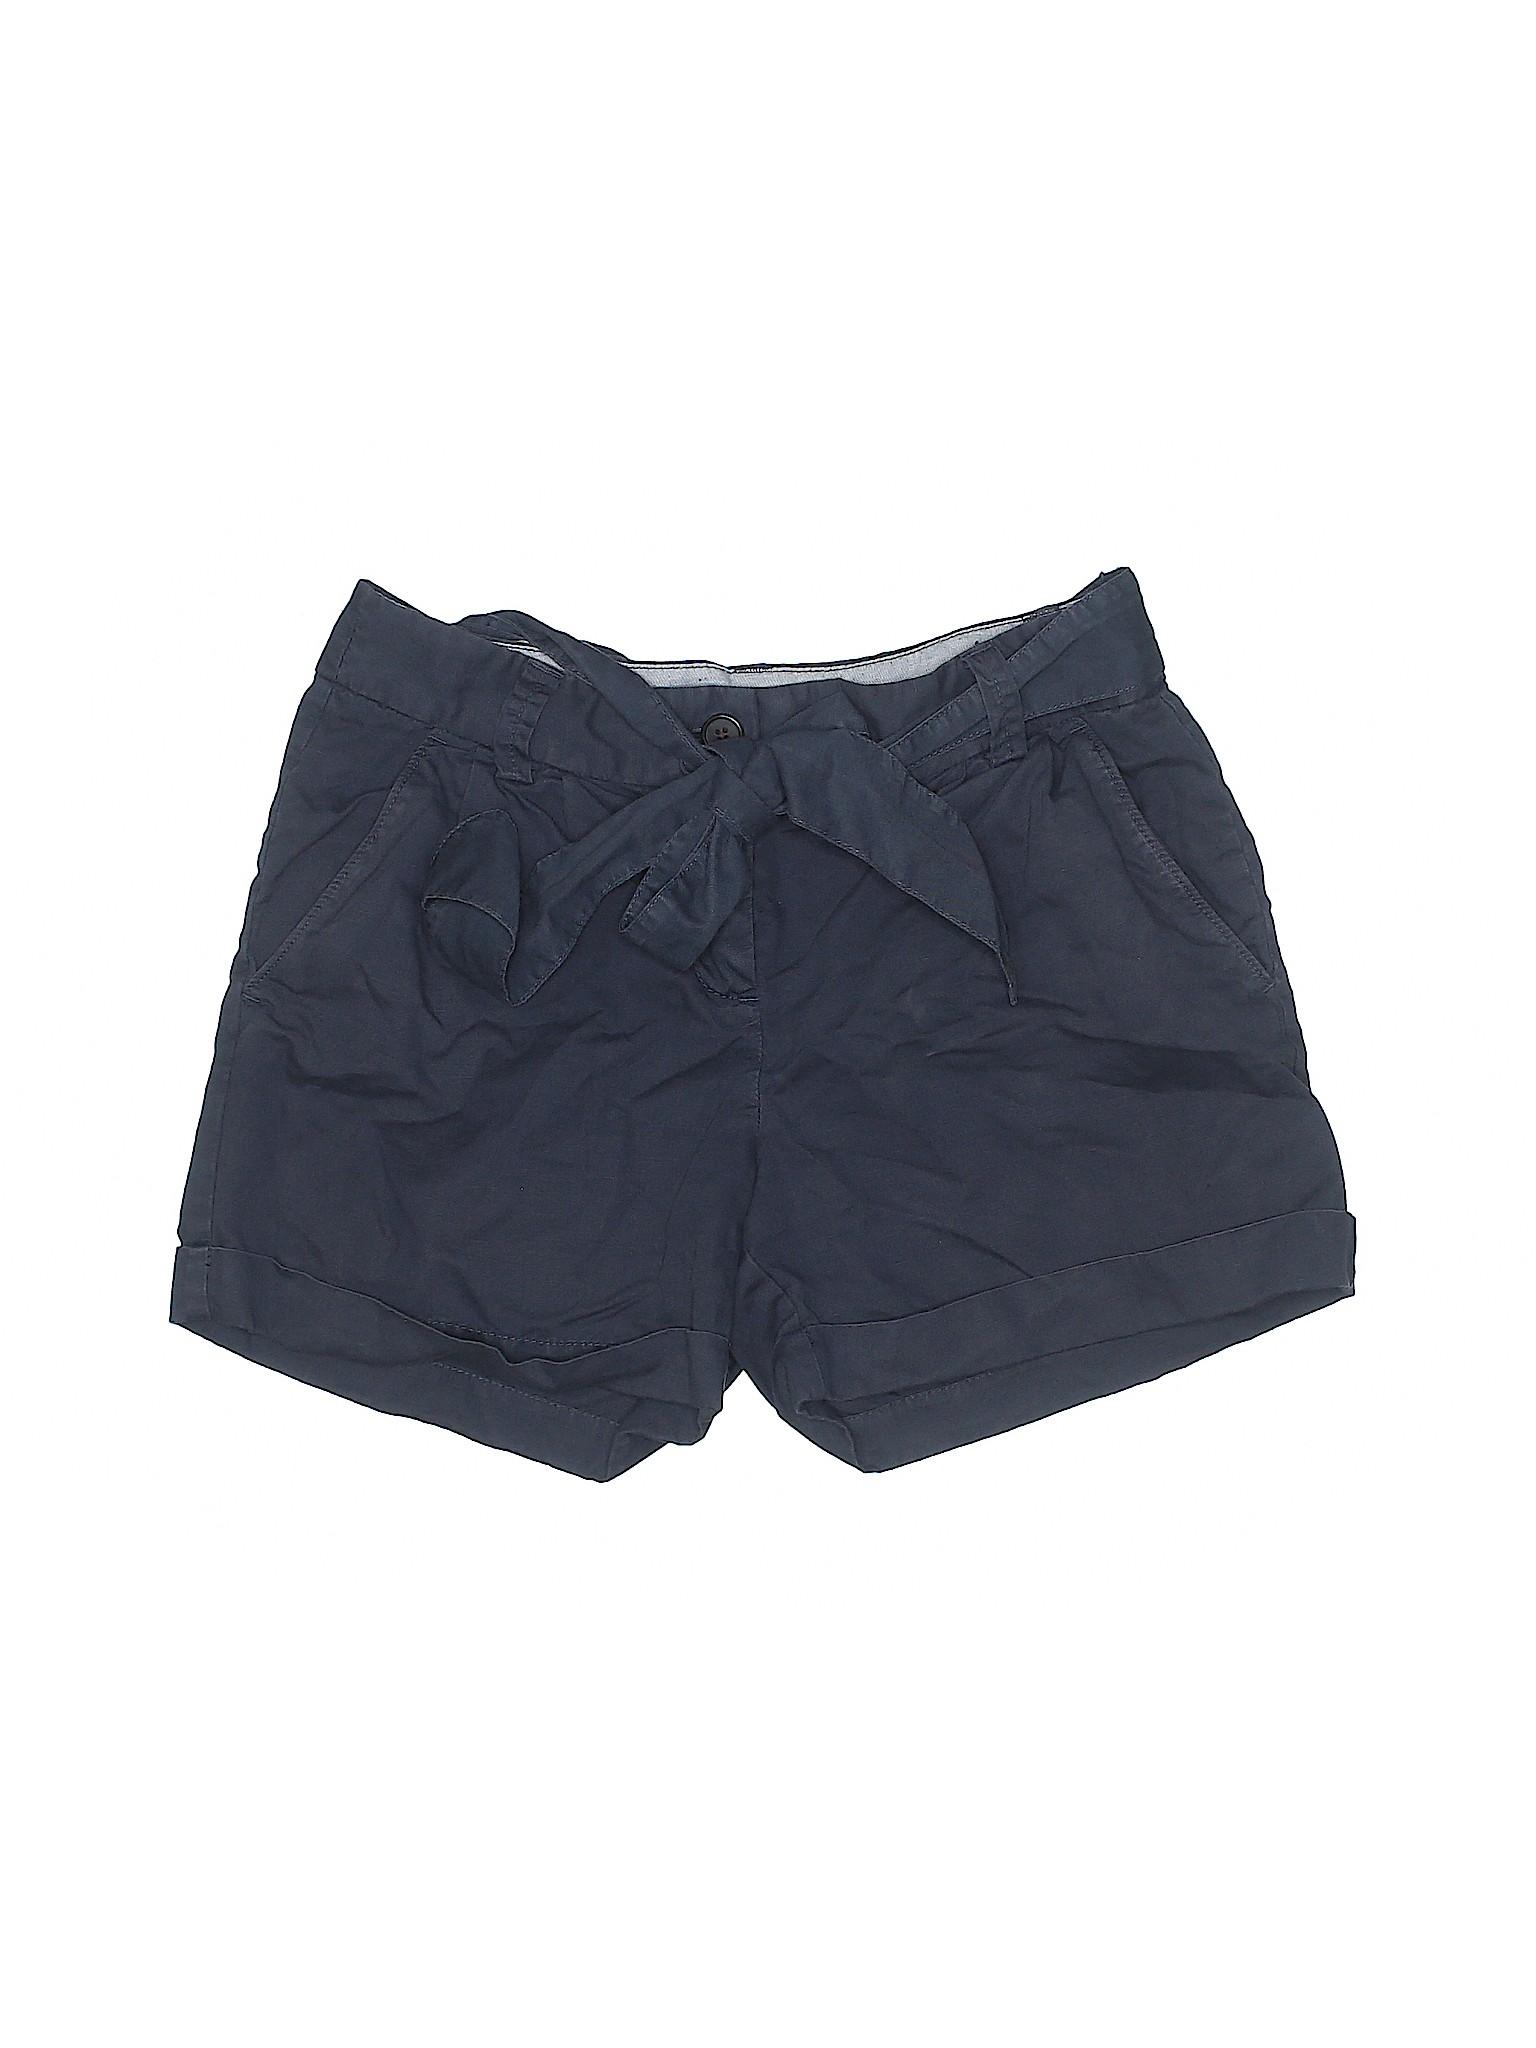 Shorts Boutique Boutique Crew J J TZwFqz1